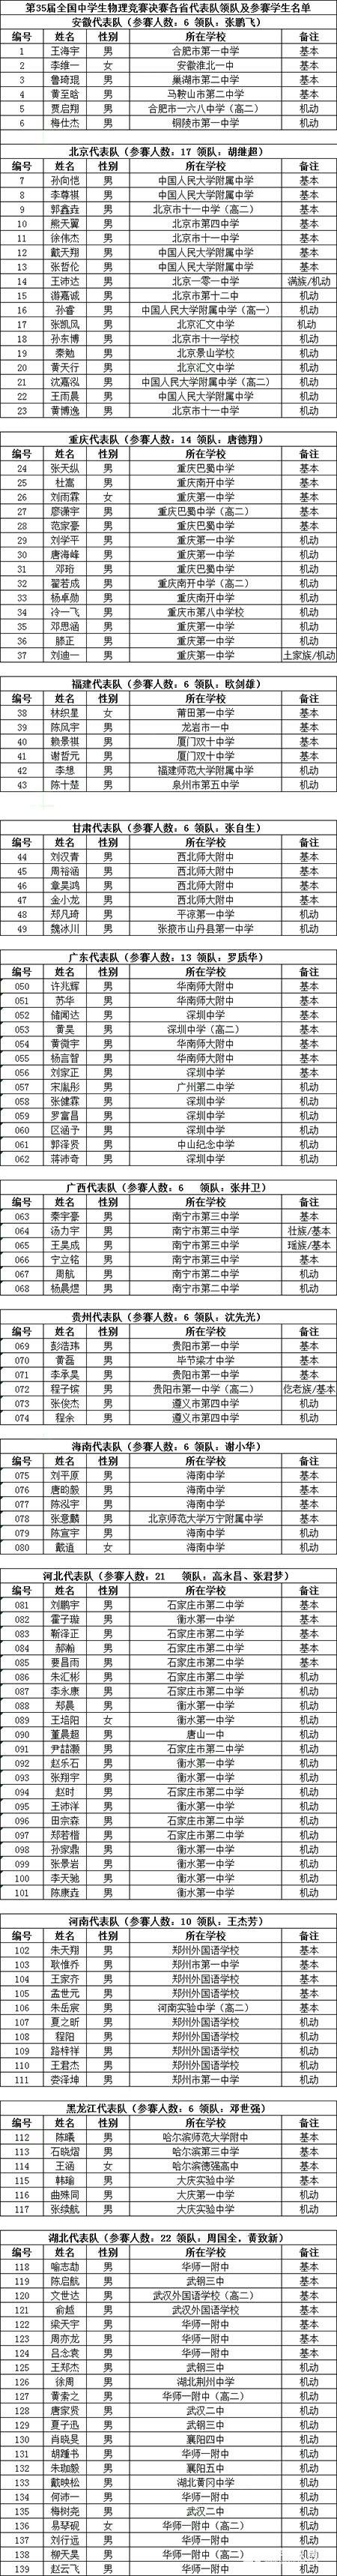 2018年第35届全国中学生物理竞赛省队名单公布,省队高中排行分析!